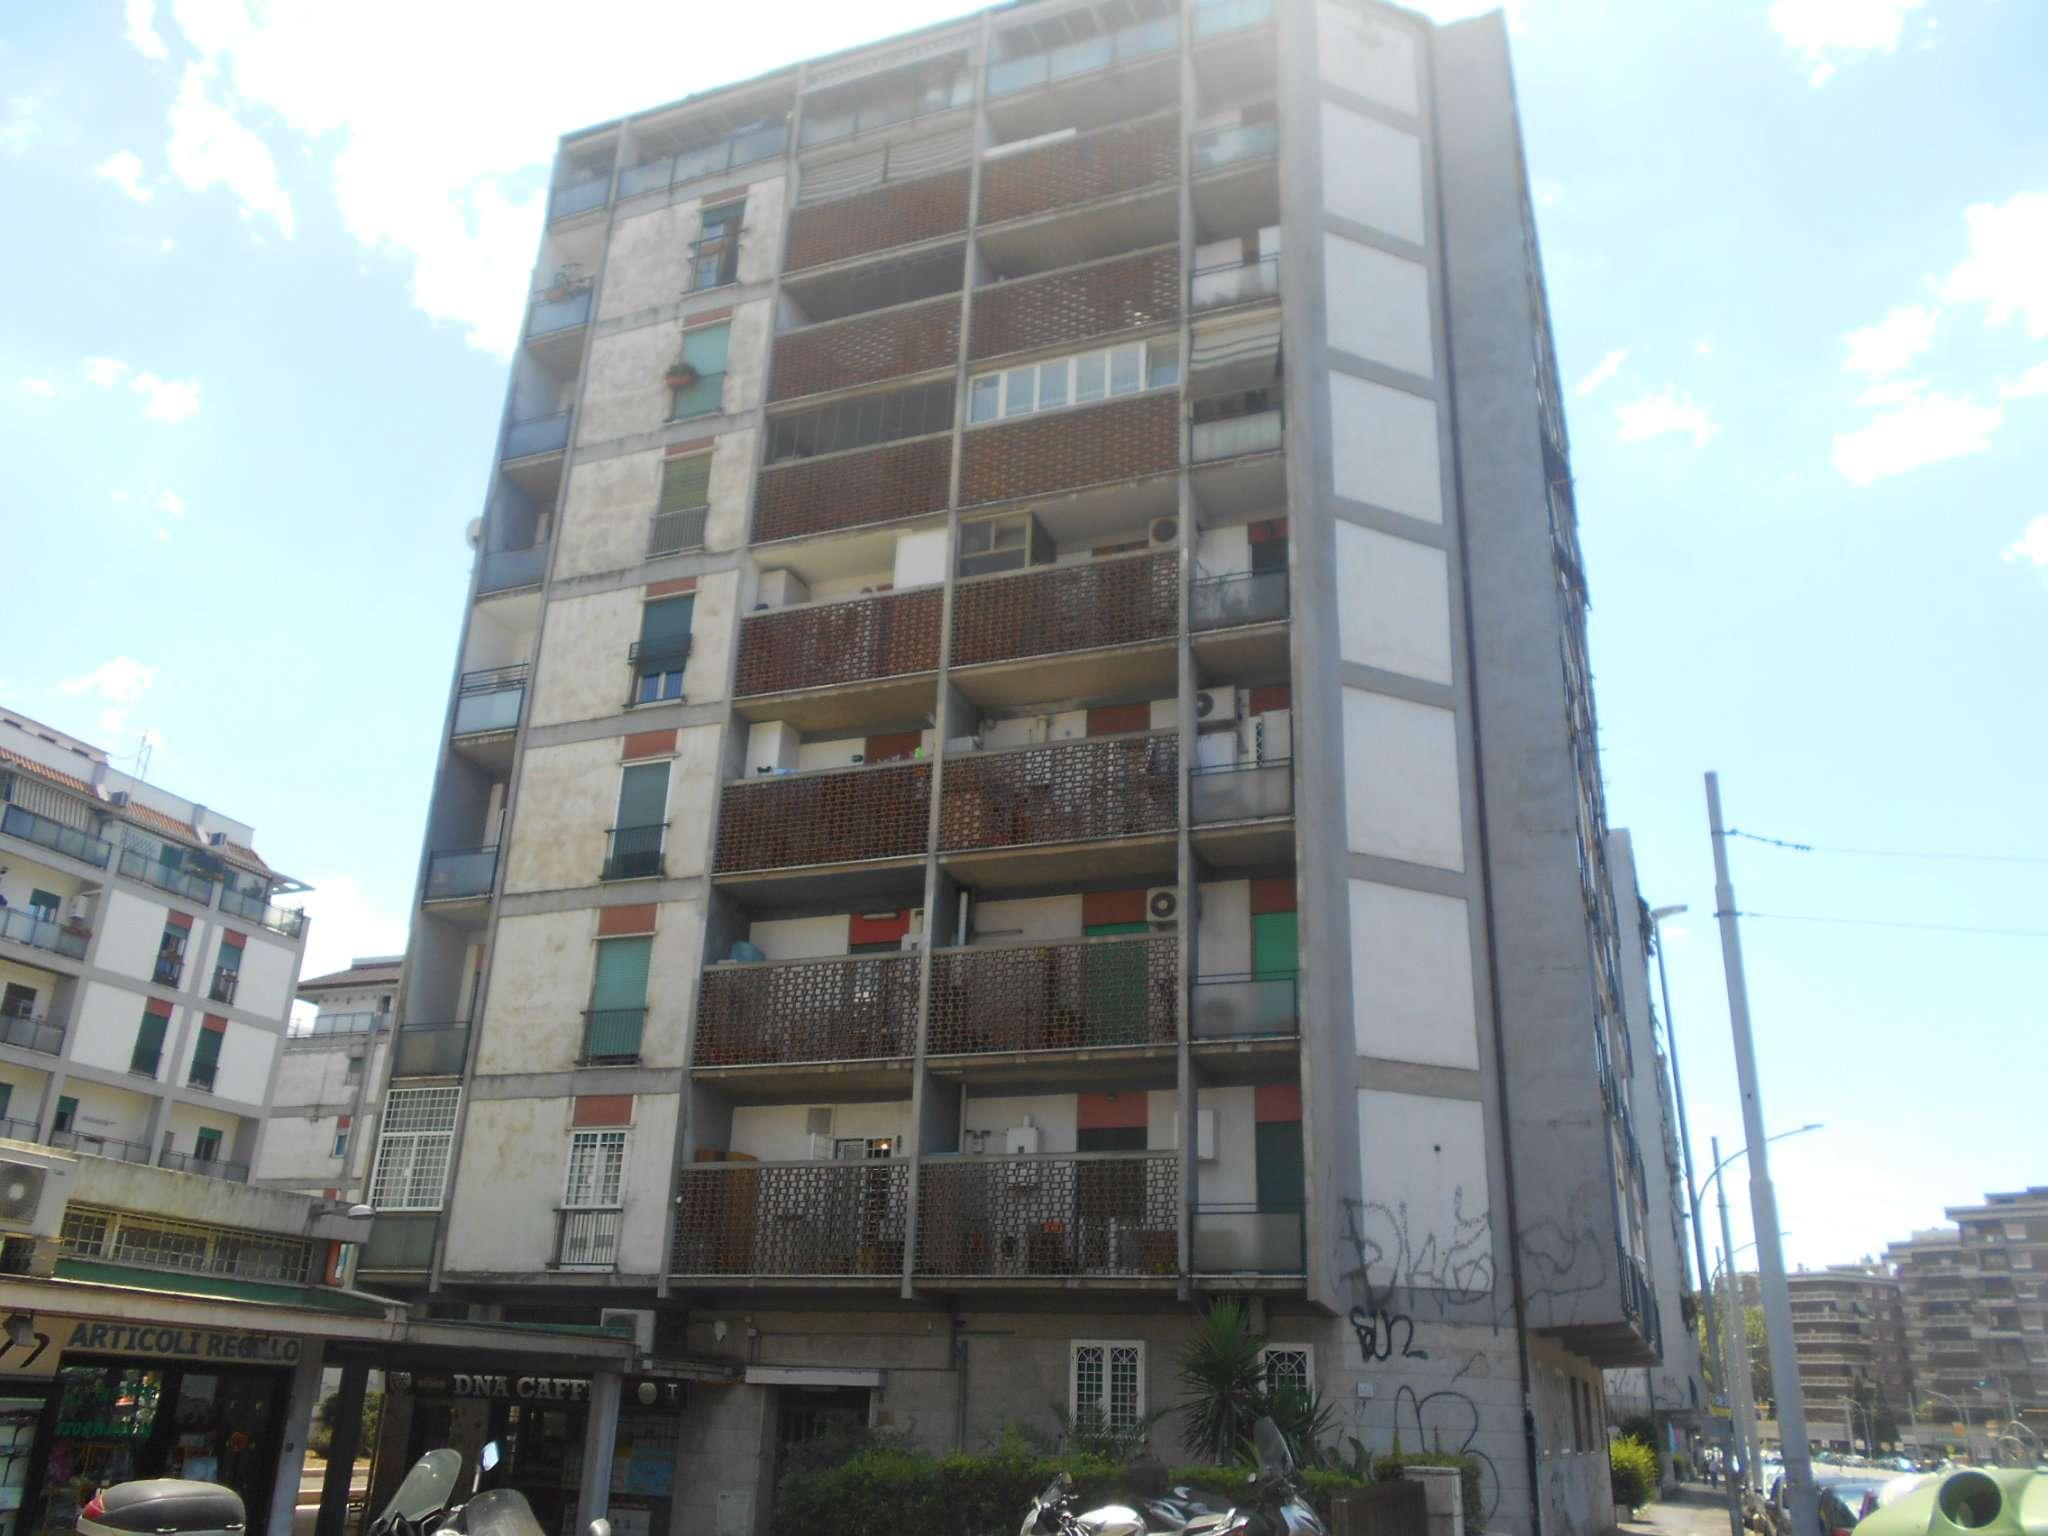 Appartamento in vendita roma via monte cervialto - Appartamento in vendita citta giardino roma ...